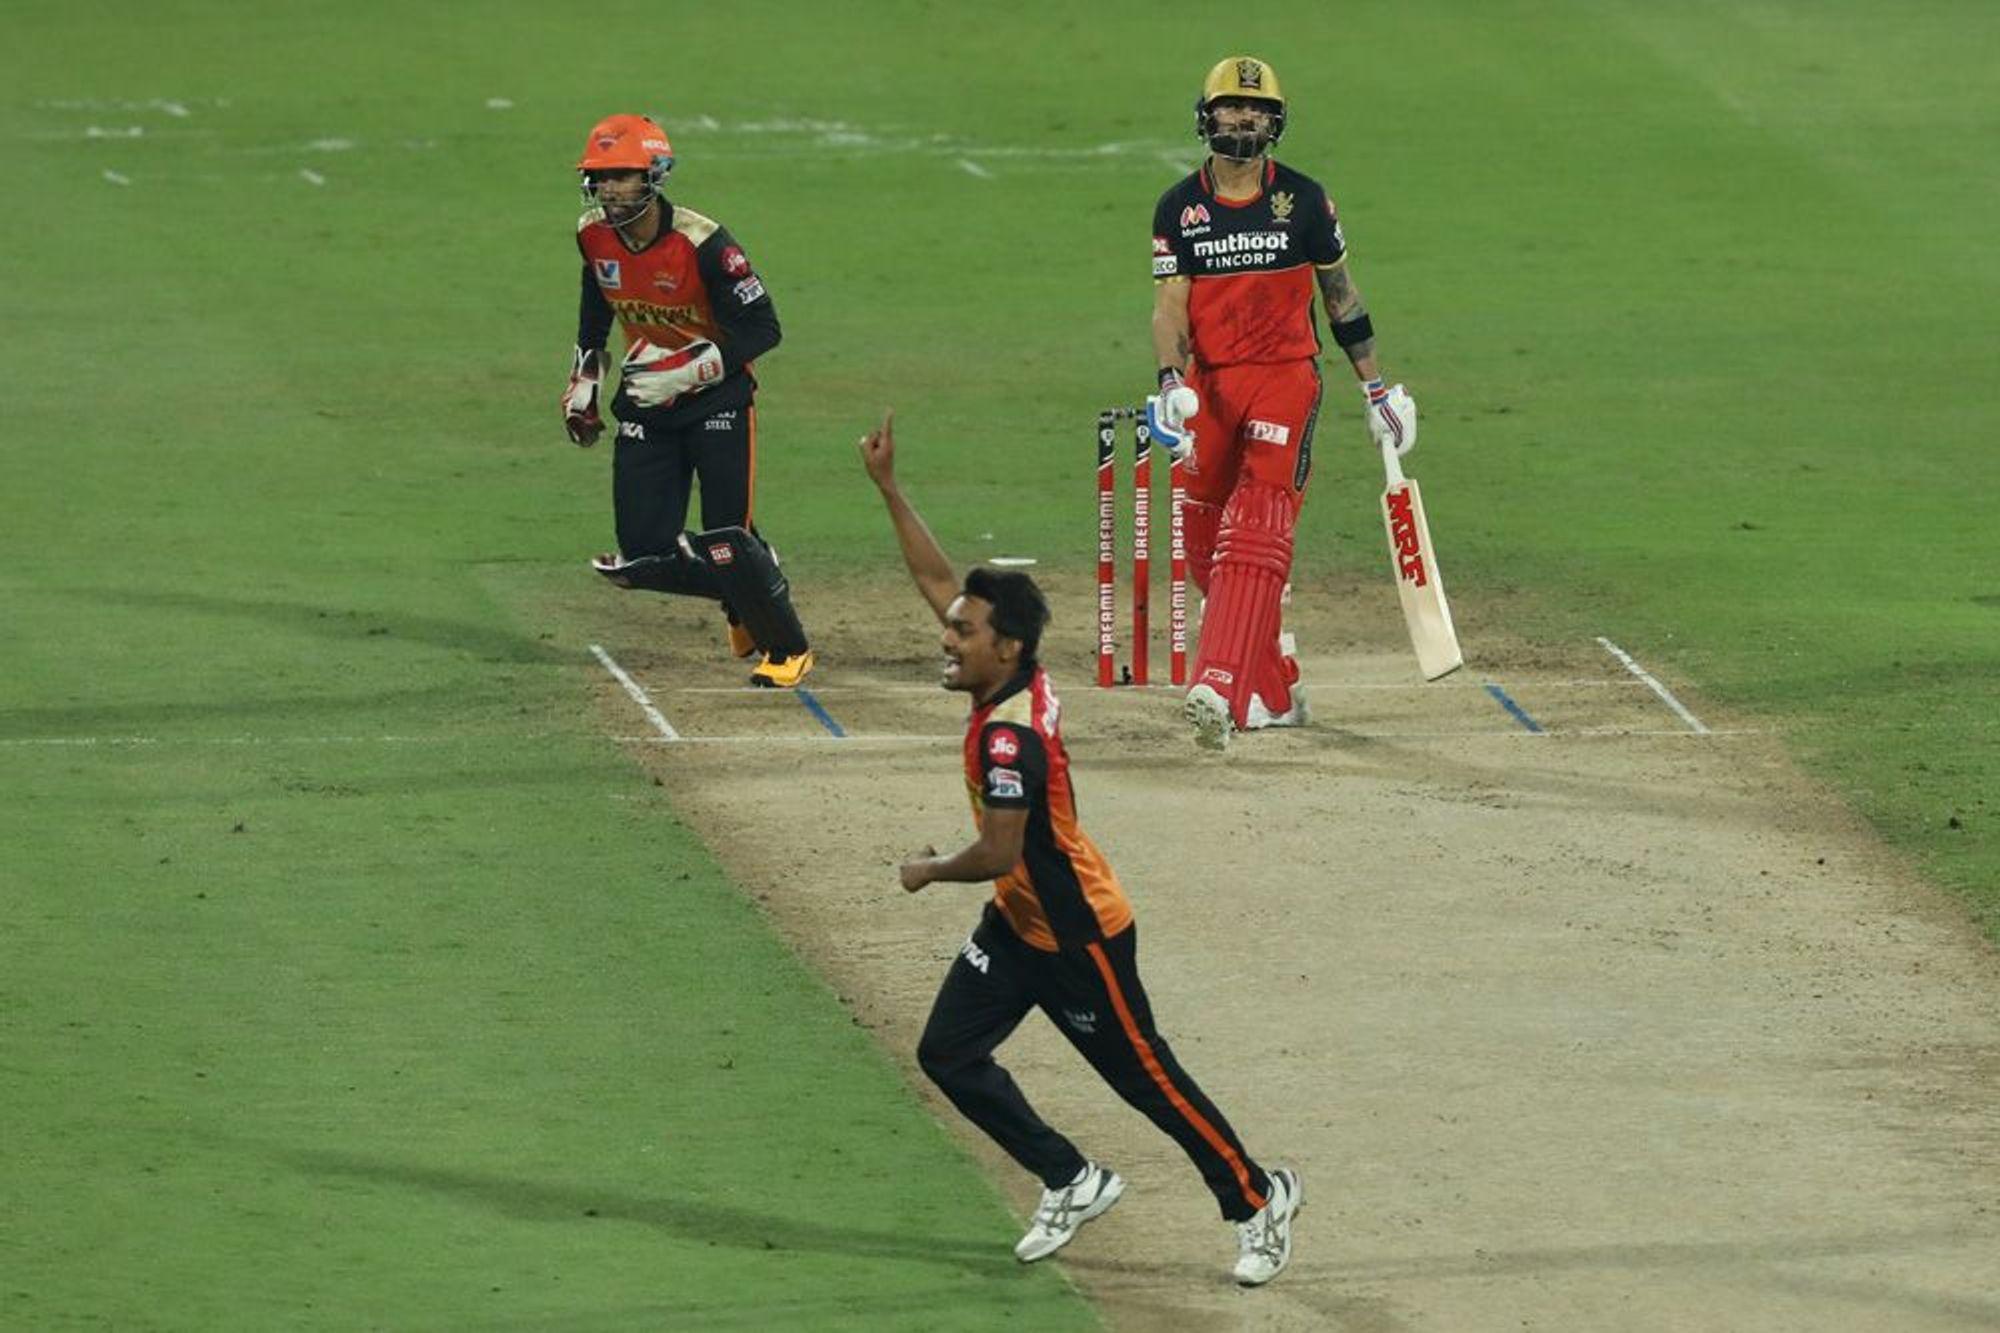 SRHvsRCB: मैदान पर इस शख्स की मदद से मैच विनिंग प्रदर्शन कर सके संदीप शर्मा, मैन ऑफ द मैच अवॉर्ड जीतने के बाद किया खुलासा 3